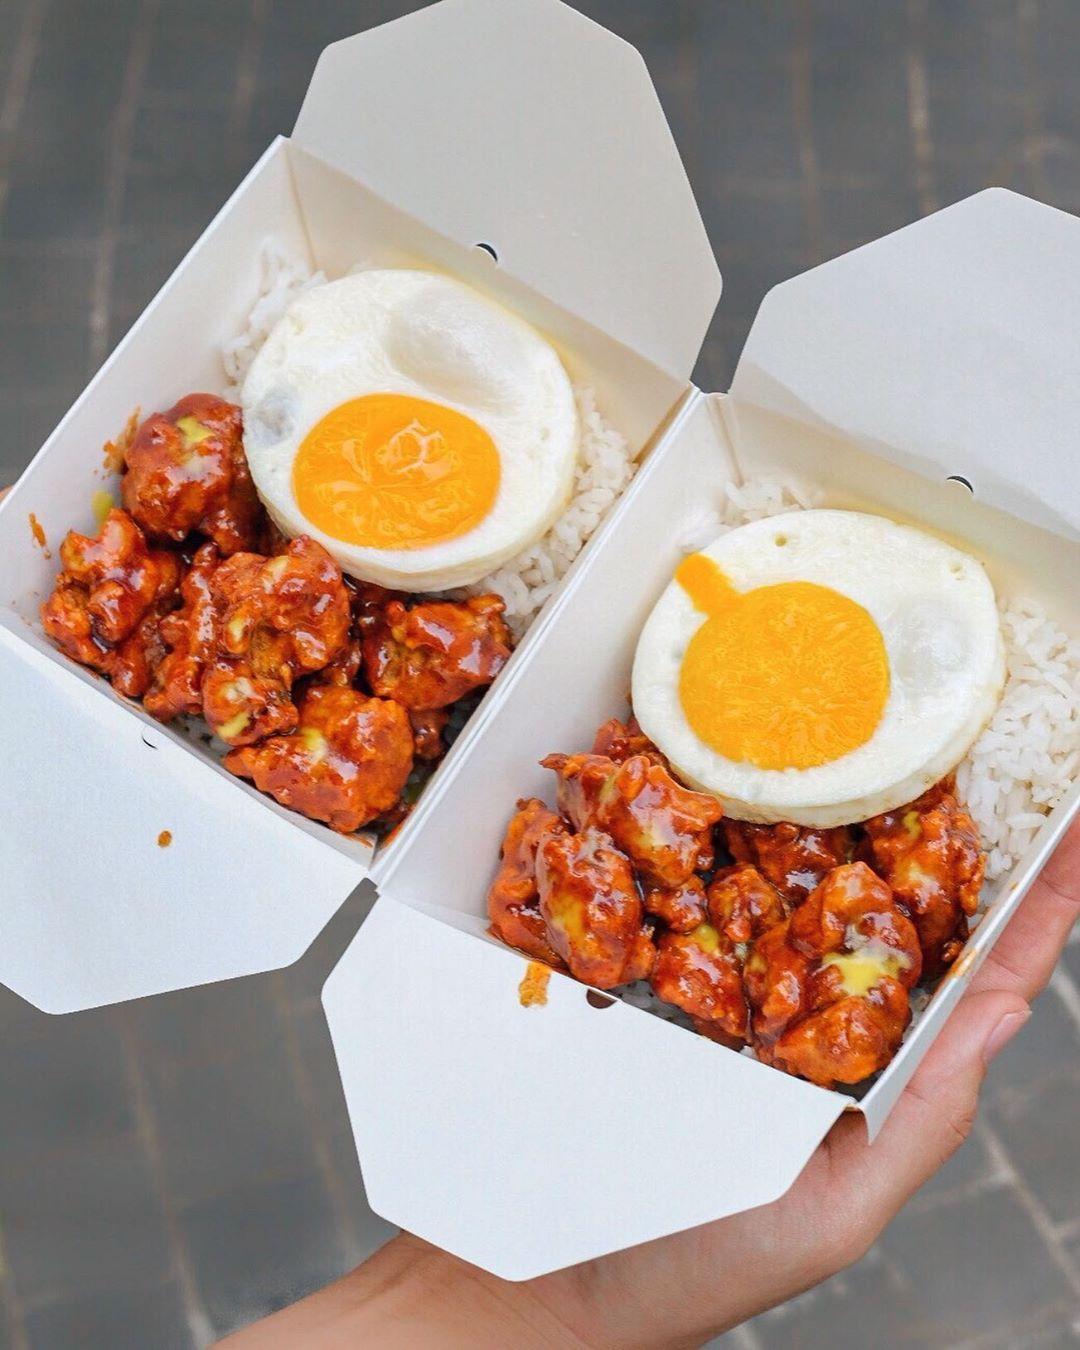 Rice Box Kkuldak Id O Iya Kkuldak Id Akan Mengeluarkan Product Baru Yaitu Namanya Rice Box Dimana Isi Nya Nasi Ayam Yg Di Berikan Sauce Dan Telur Telur